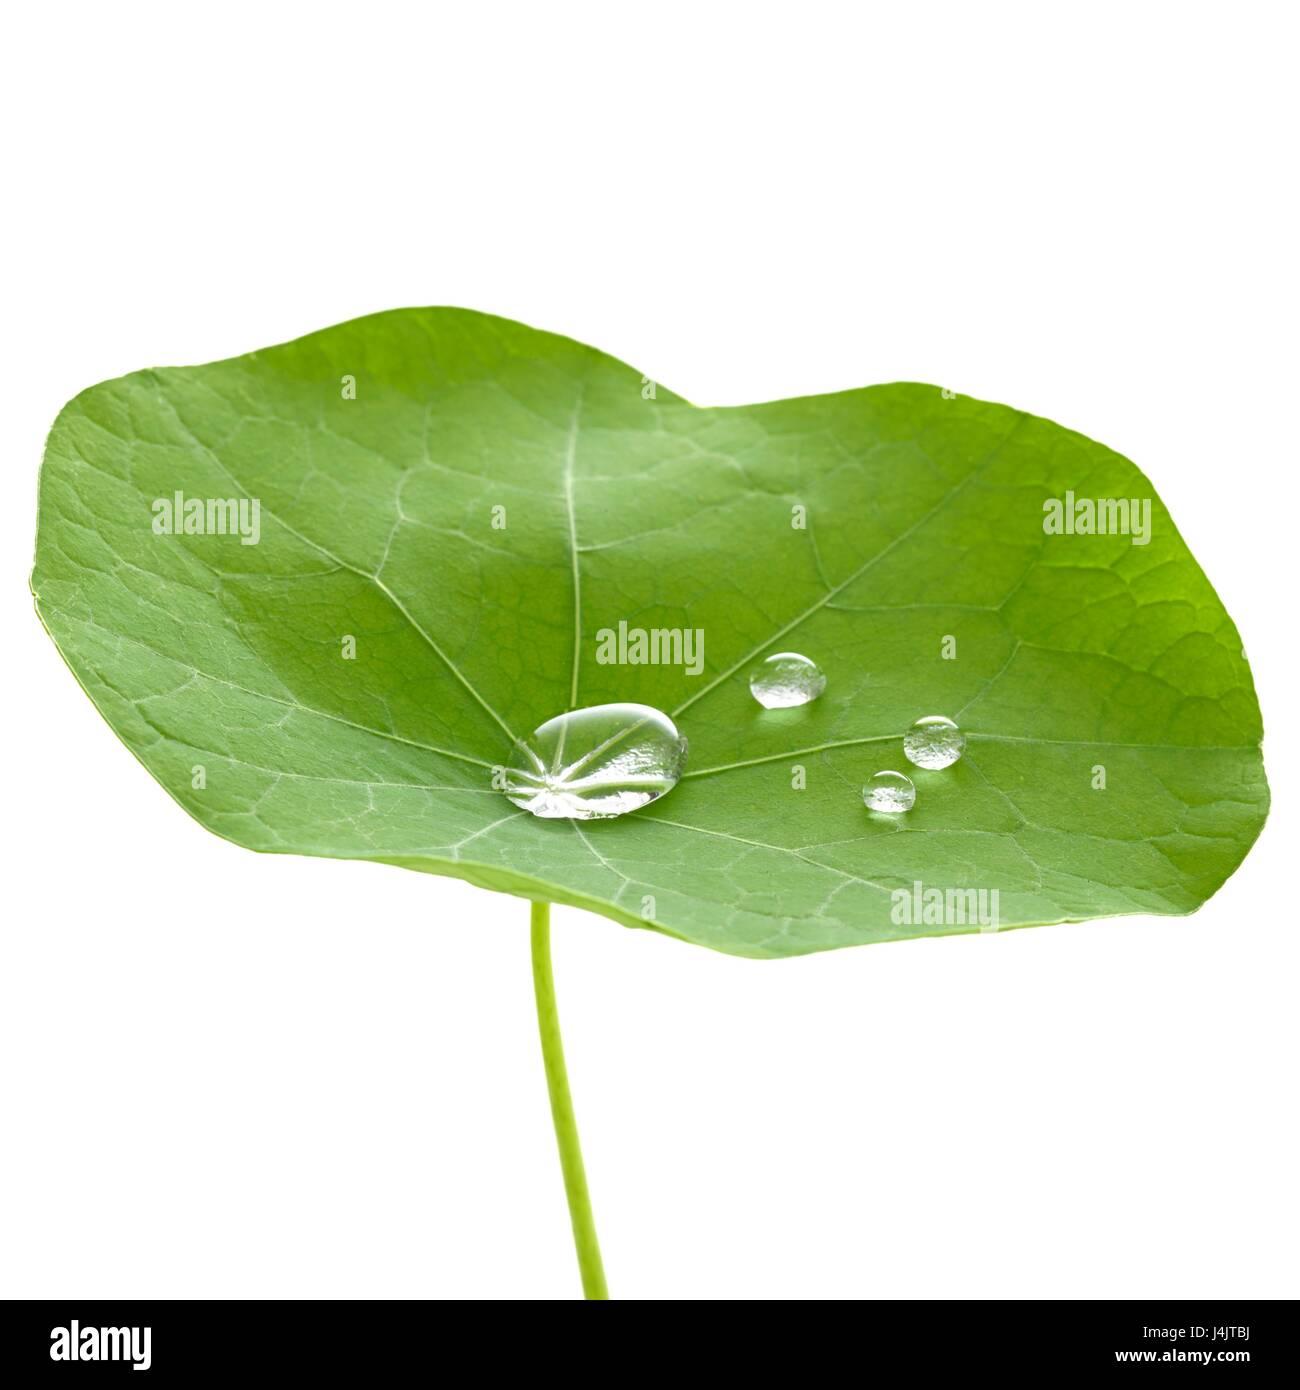 Nasturtium hoja con gotas de agua. Imagen De Stock